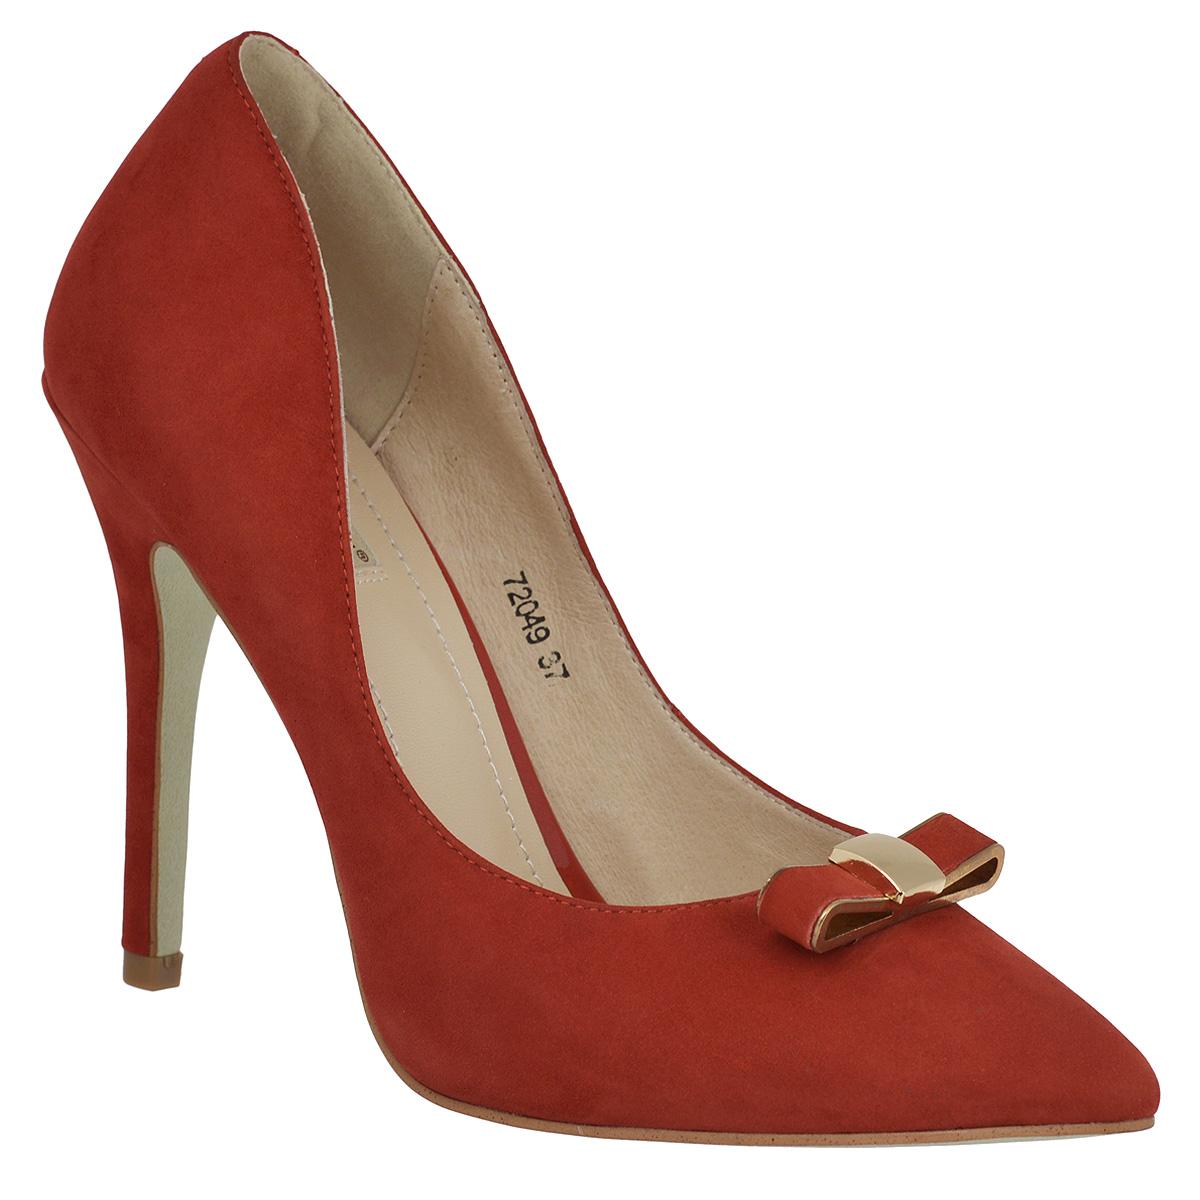 Туфли женские. 72072049Прелестные женские туфли Vitacci покорят вас с первого взгляда. Модель изготовлена из высококачественного натурального нубука. Мыс изделия оформлен милым бантиком, выполненным из металла со вставками из нубука. Зауженный носок добавит женственности в ваш образ. Стелька из натуральной кожи позволит ногам дышать. Высокий каблук компенсирован скрытой платформой. Стильные туфли подчеркнут вашу яркую индивидуальность, позволят выделиться среди окружающих.